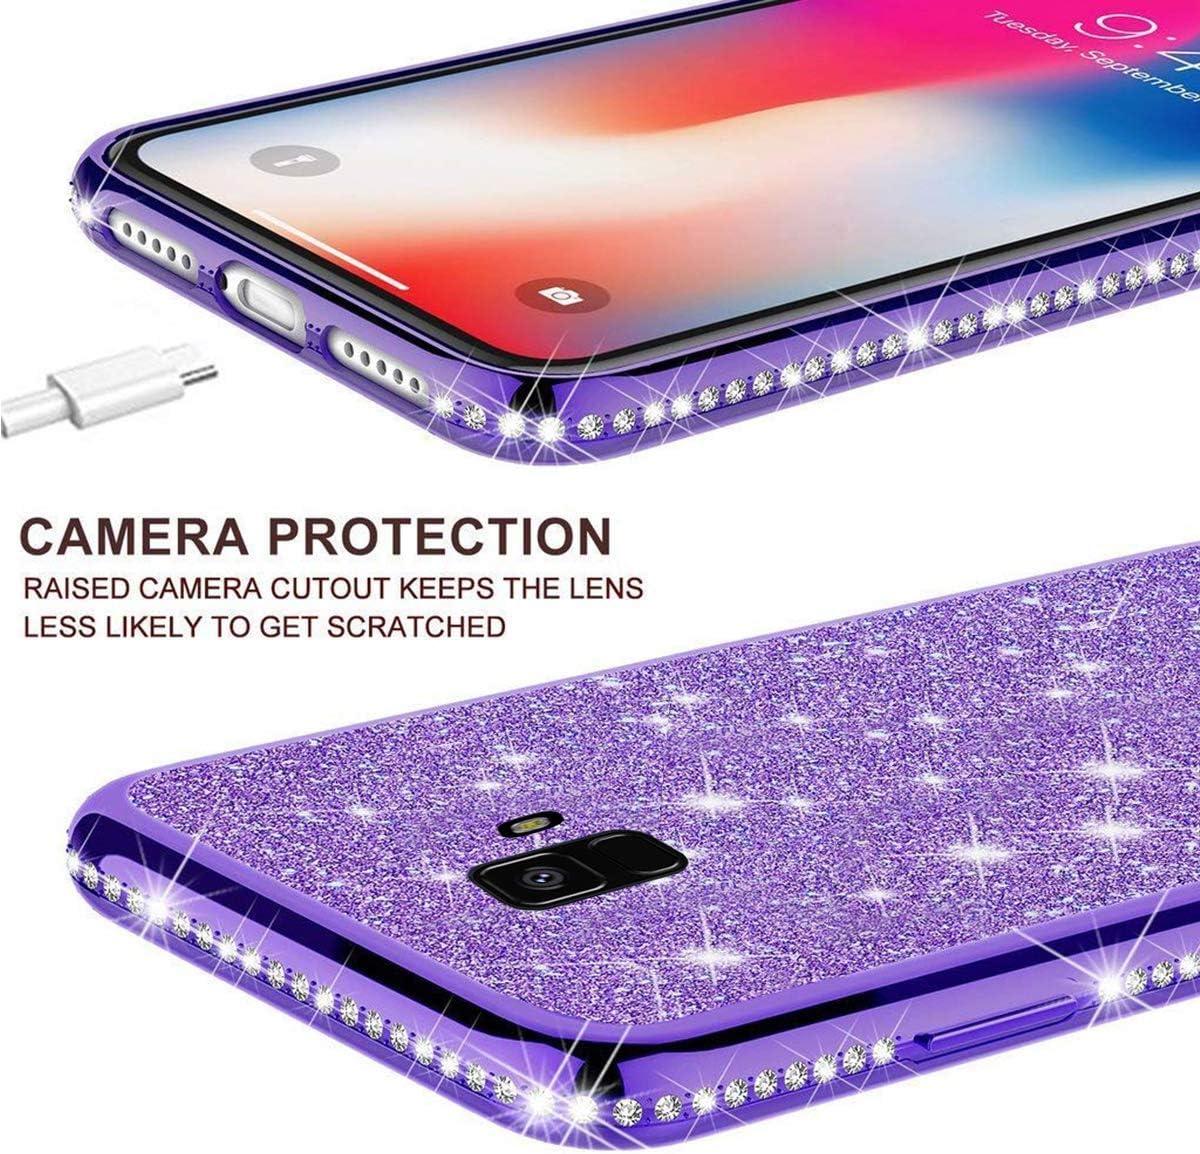 Karomenic Silikon H/ülle kompatibel mit Samsung Galaxy J6 Plus Gl/änzend Bling Glitzer Schutzh/ülle Weiche TPU Handyh/ülle Diamant D/ünn Slim Bumper Tasche Case Cover f/ür Frauen M/ädchen,Rosegold